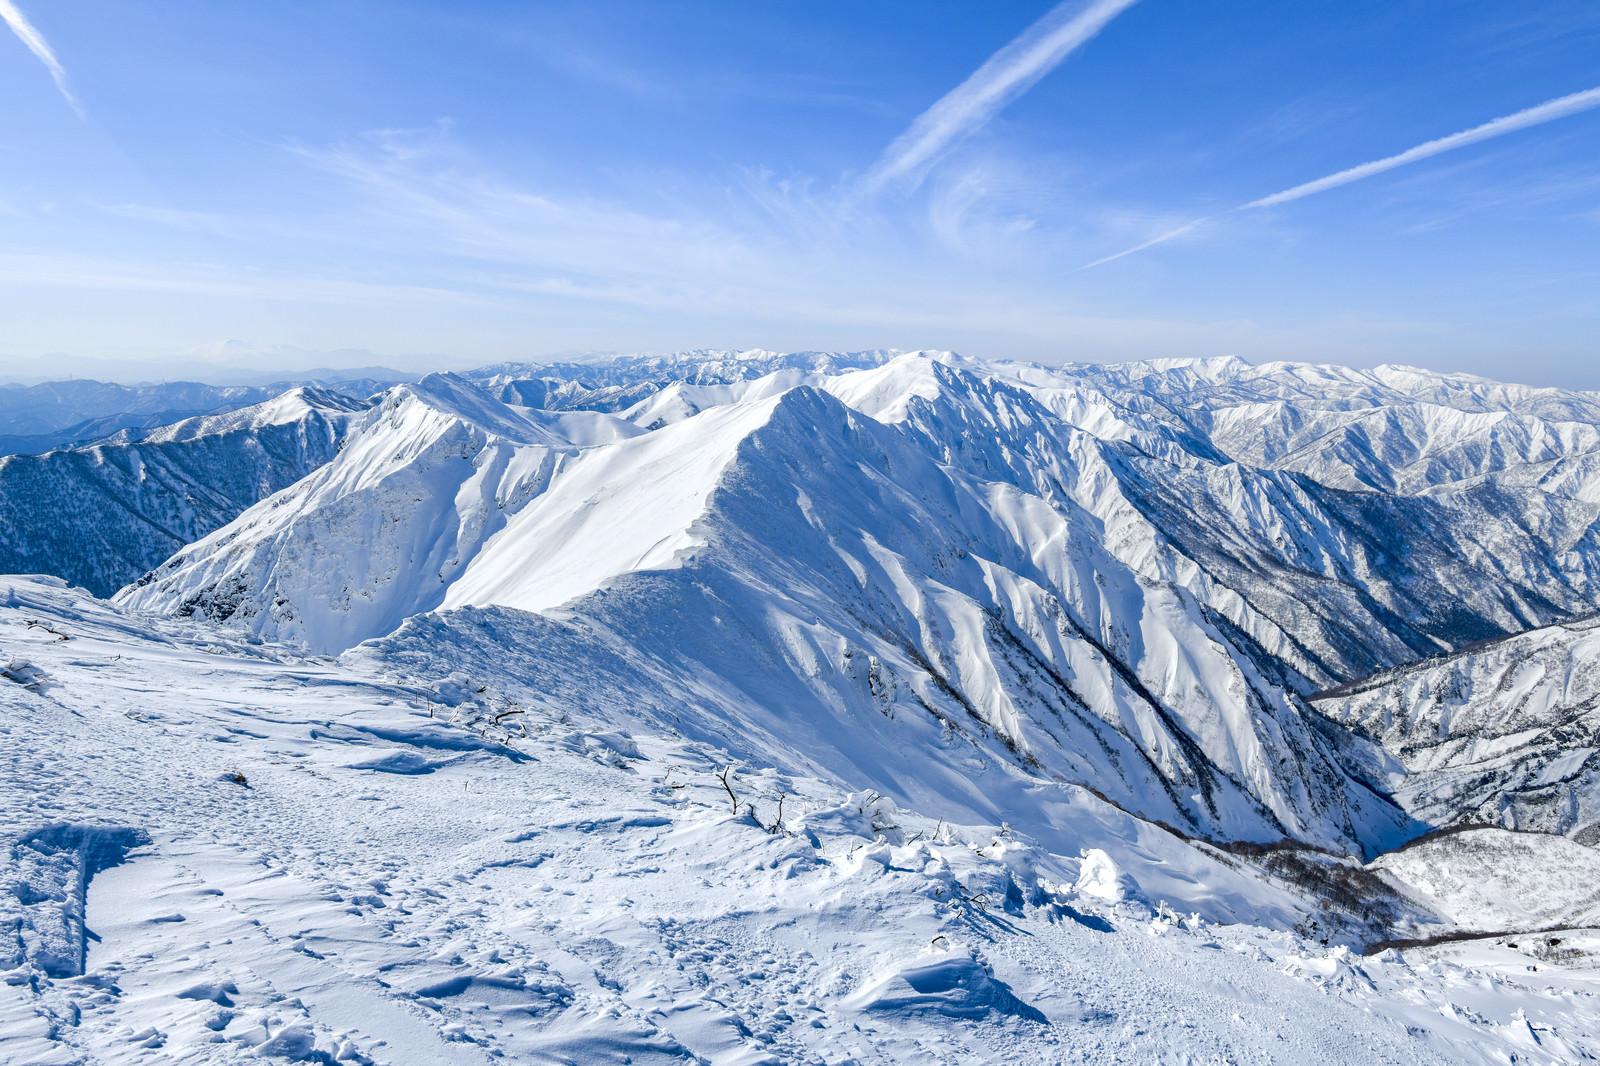 「冬の谷川岳主脈の景色」の写真